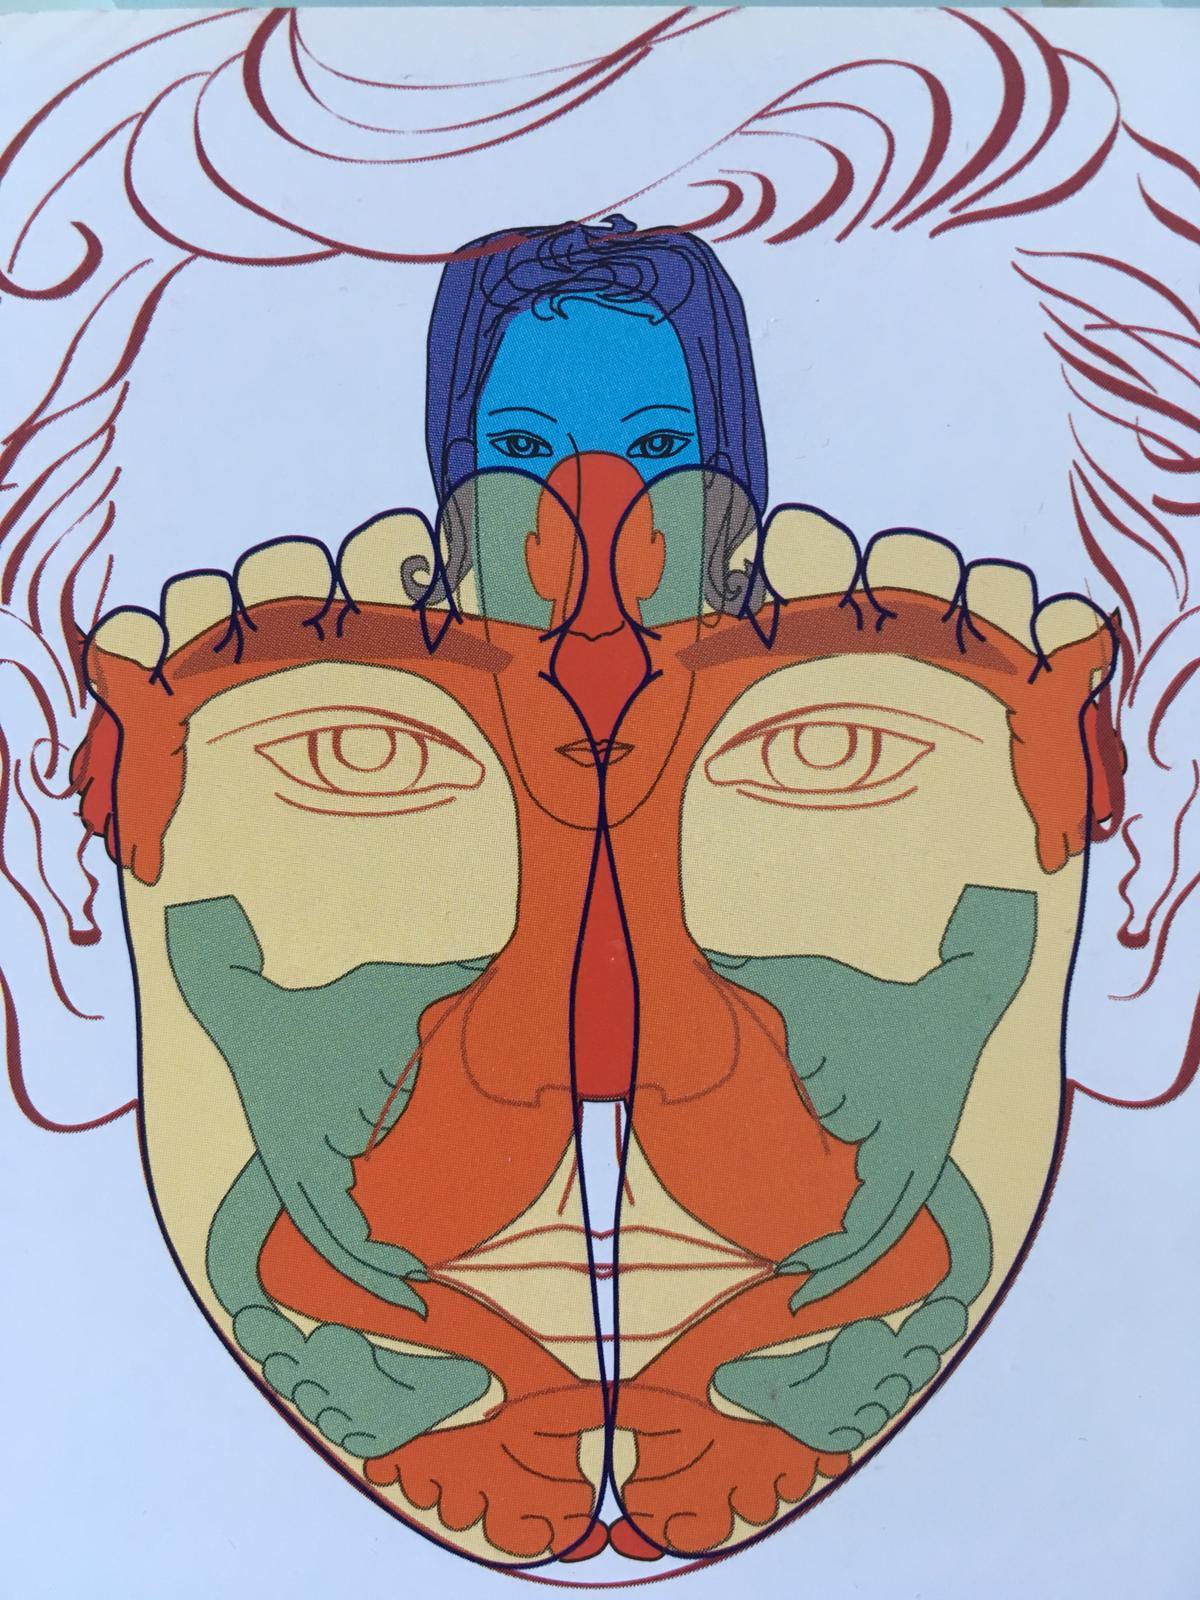 Dessin abstrait réflexologie faciale sur pied